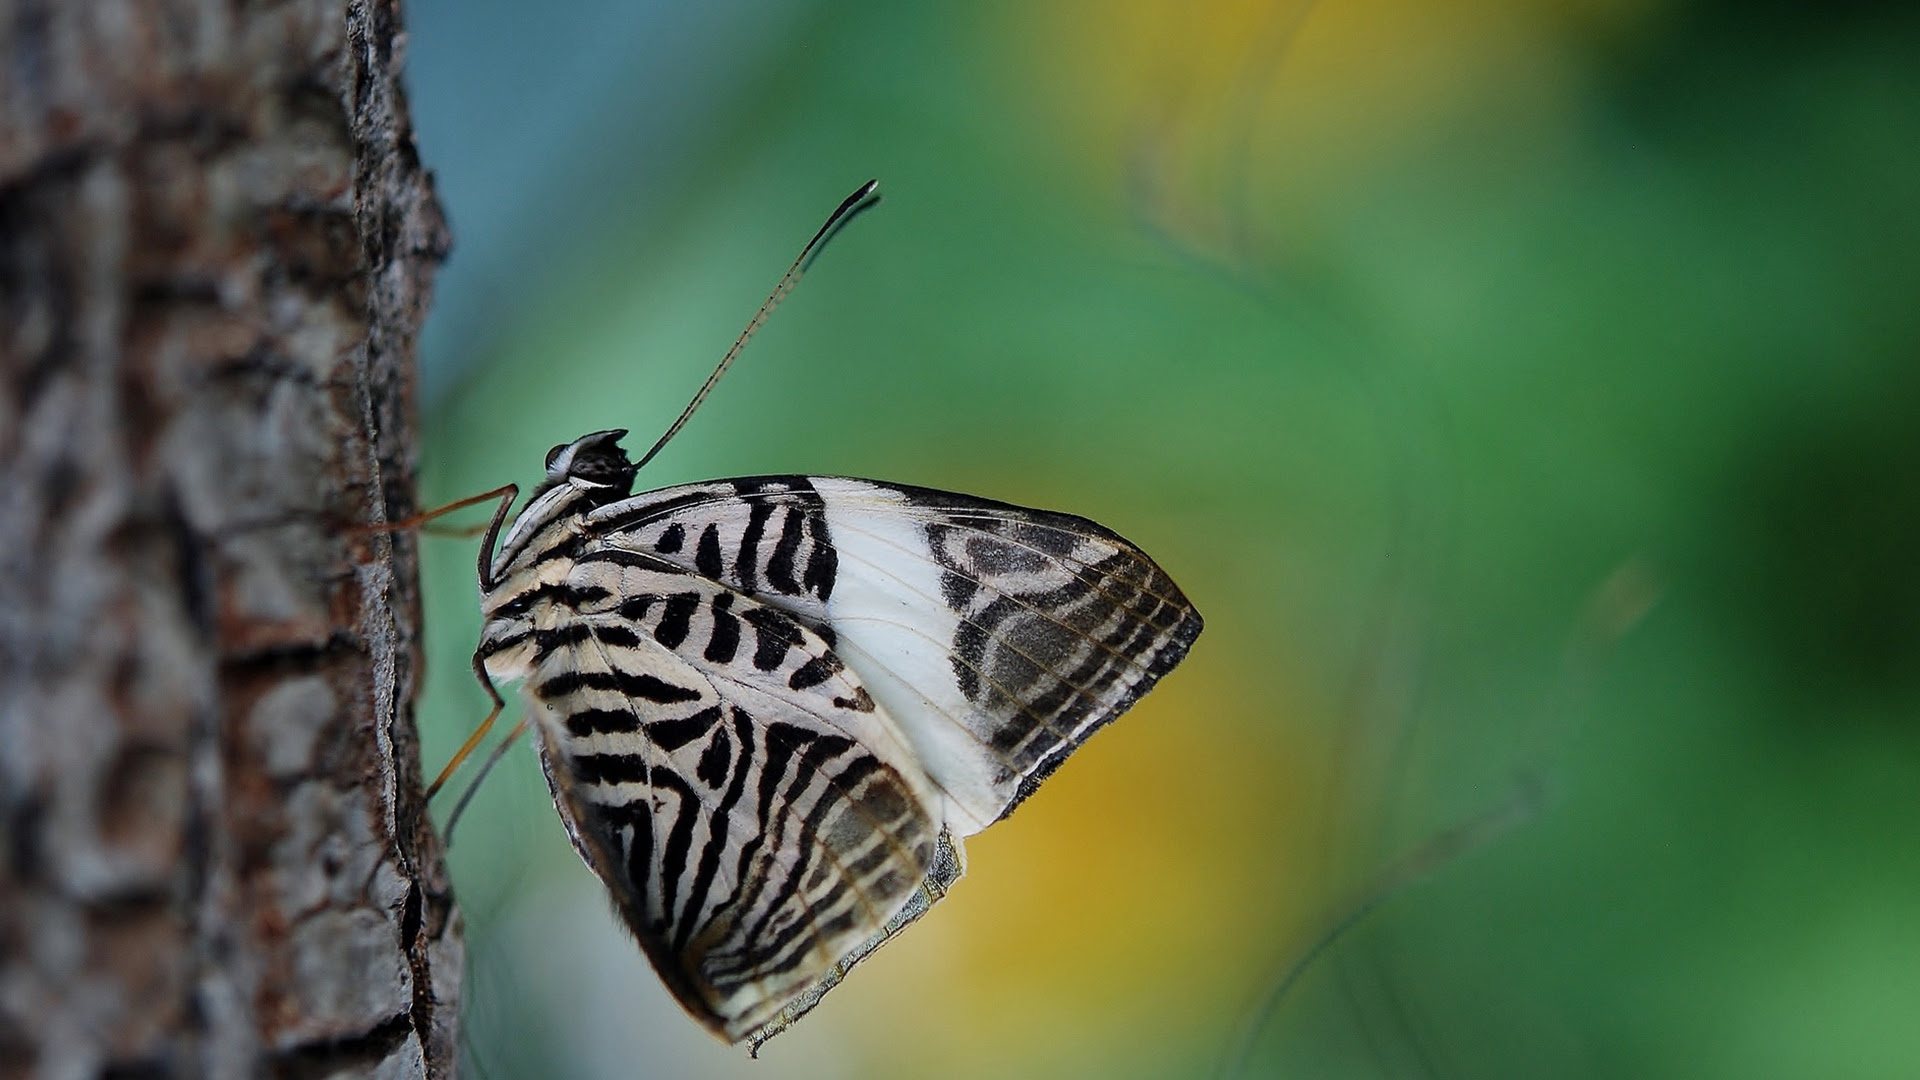 Butterfly(1920×1080)